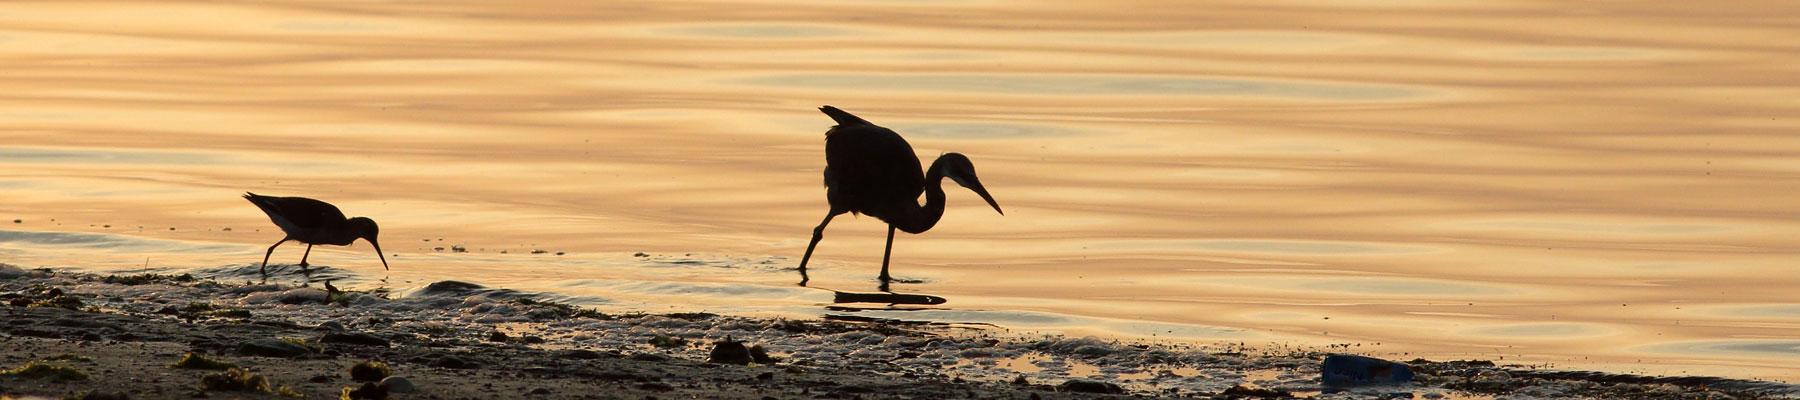 birdwatcher.cz